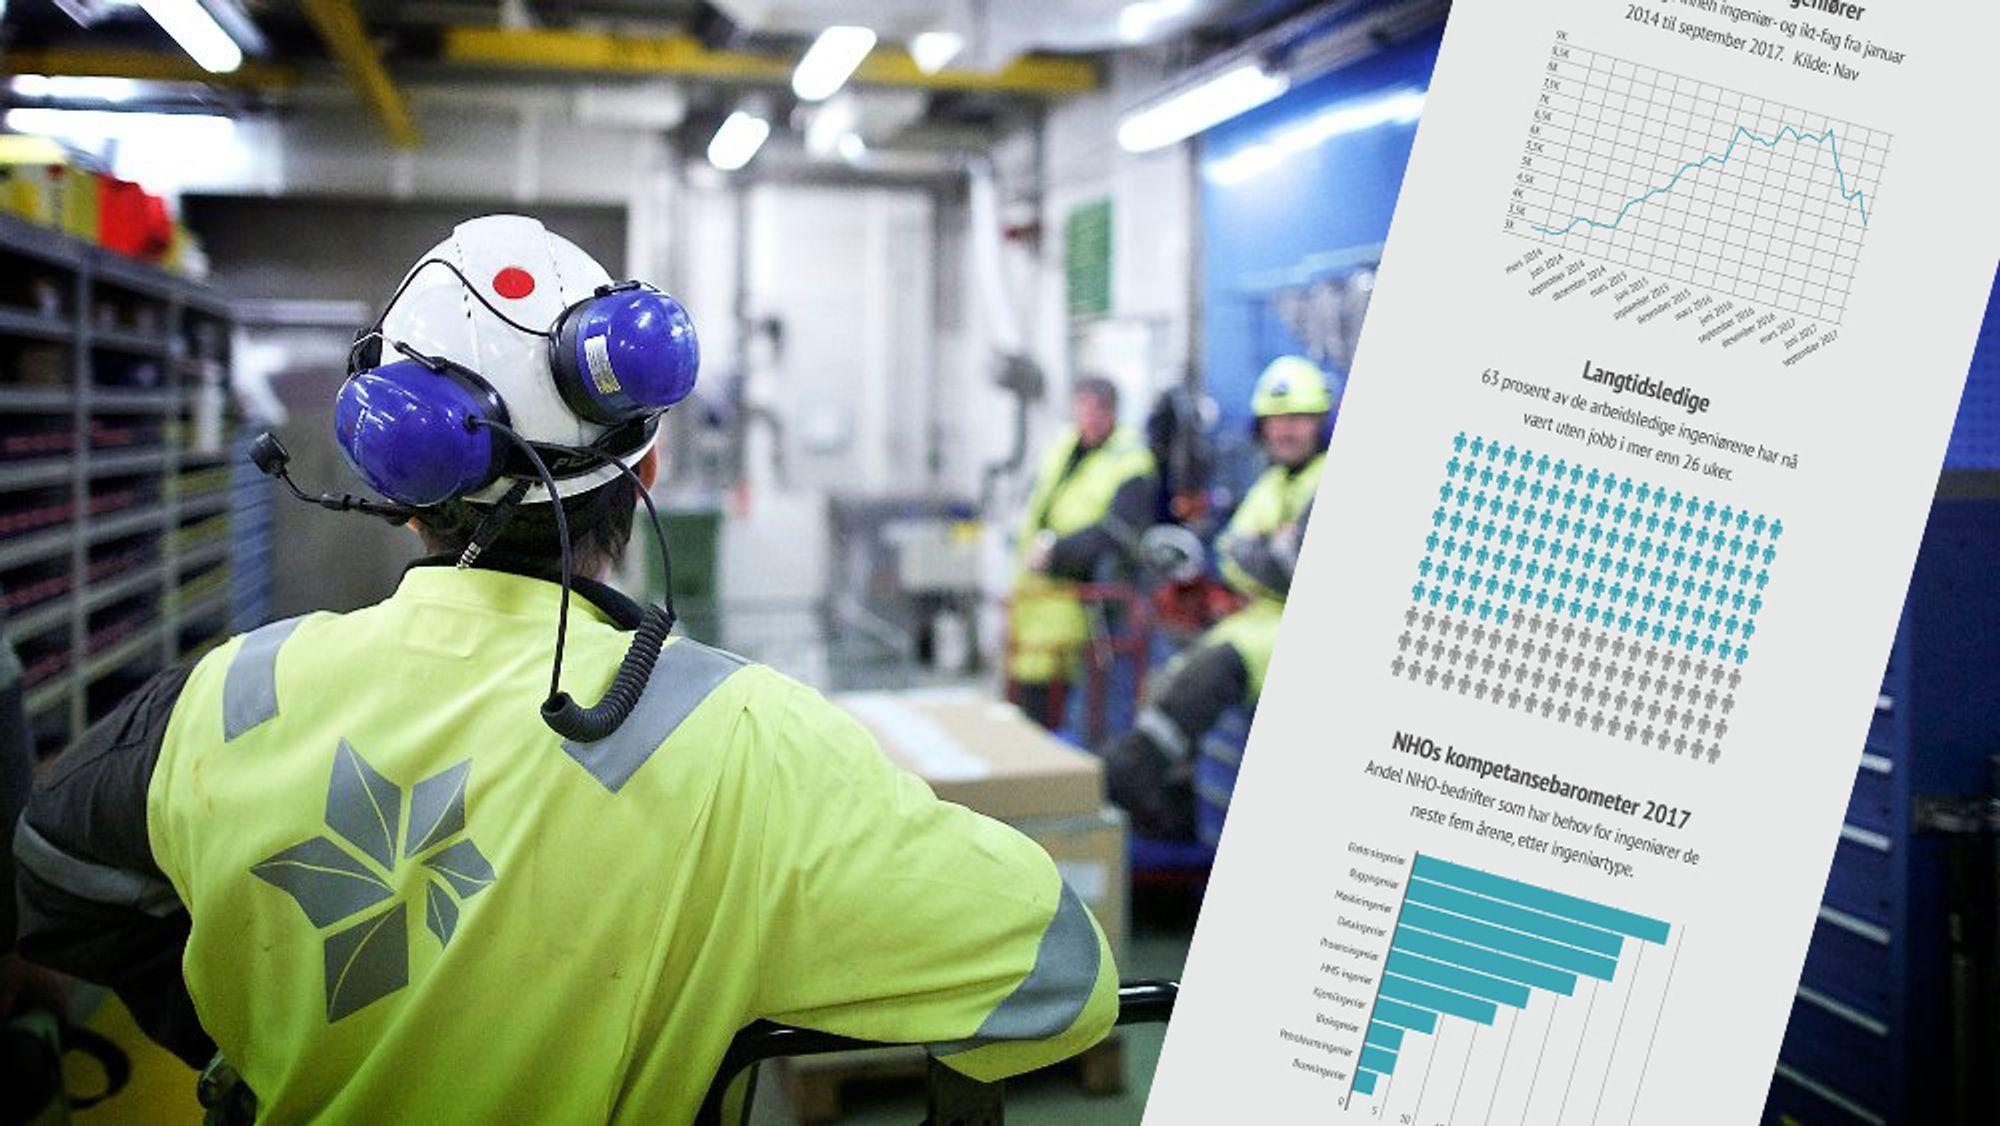 Nito mener det nå går mot en normalisering av arbeidsmarkedet for ingeniører. Fra våren 2018 mener de ledigheten for gruppen skal for alvor gå nedover. Årsaken er blant annet nye næringer som gir økt behov for ingeniørkompetanse og en generell oppgang i norsk næringsliv.